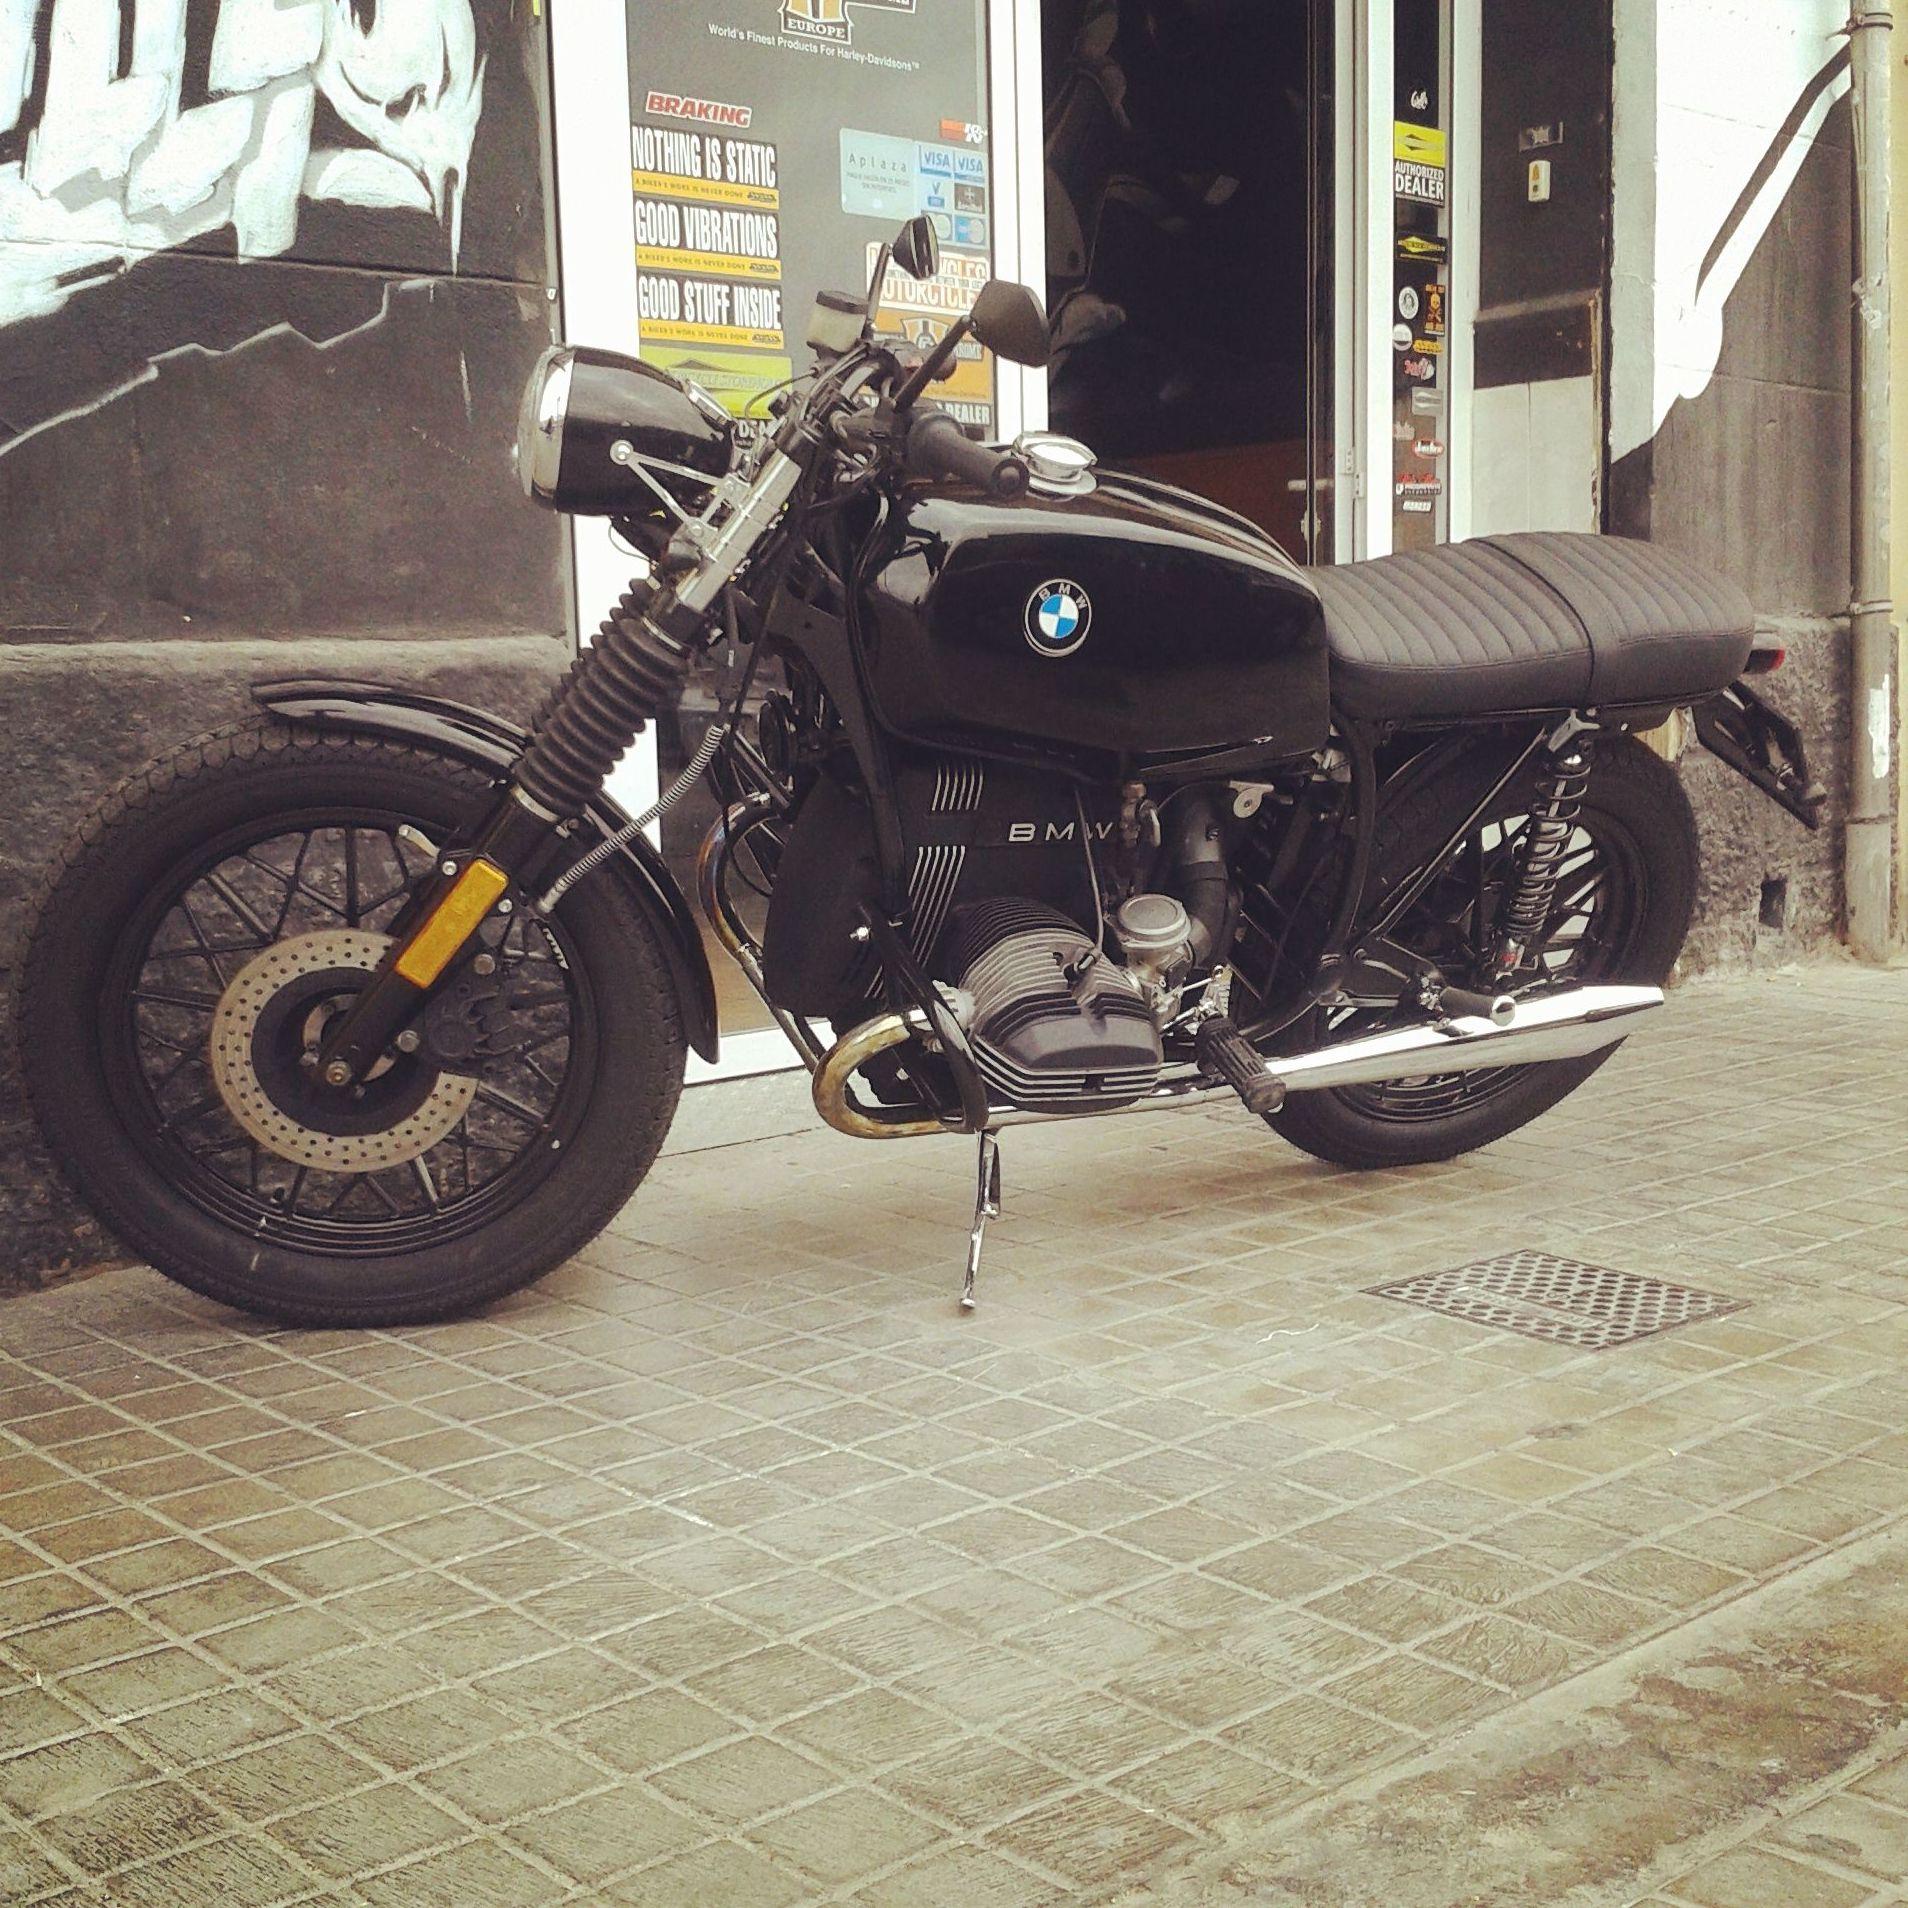 restauracion motos clasicas, personalizacion motos, customizacion motos, bmw, bmwr65